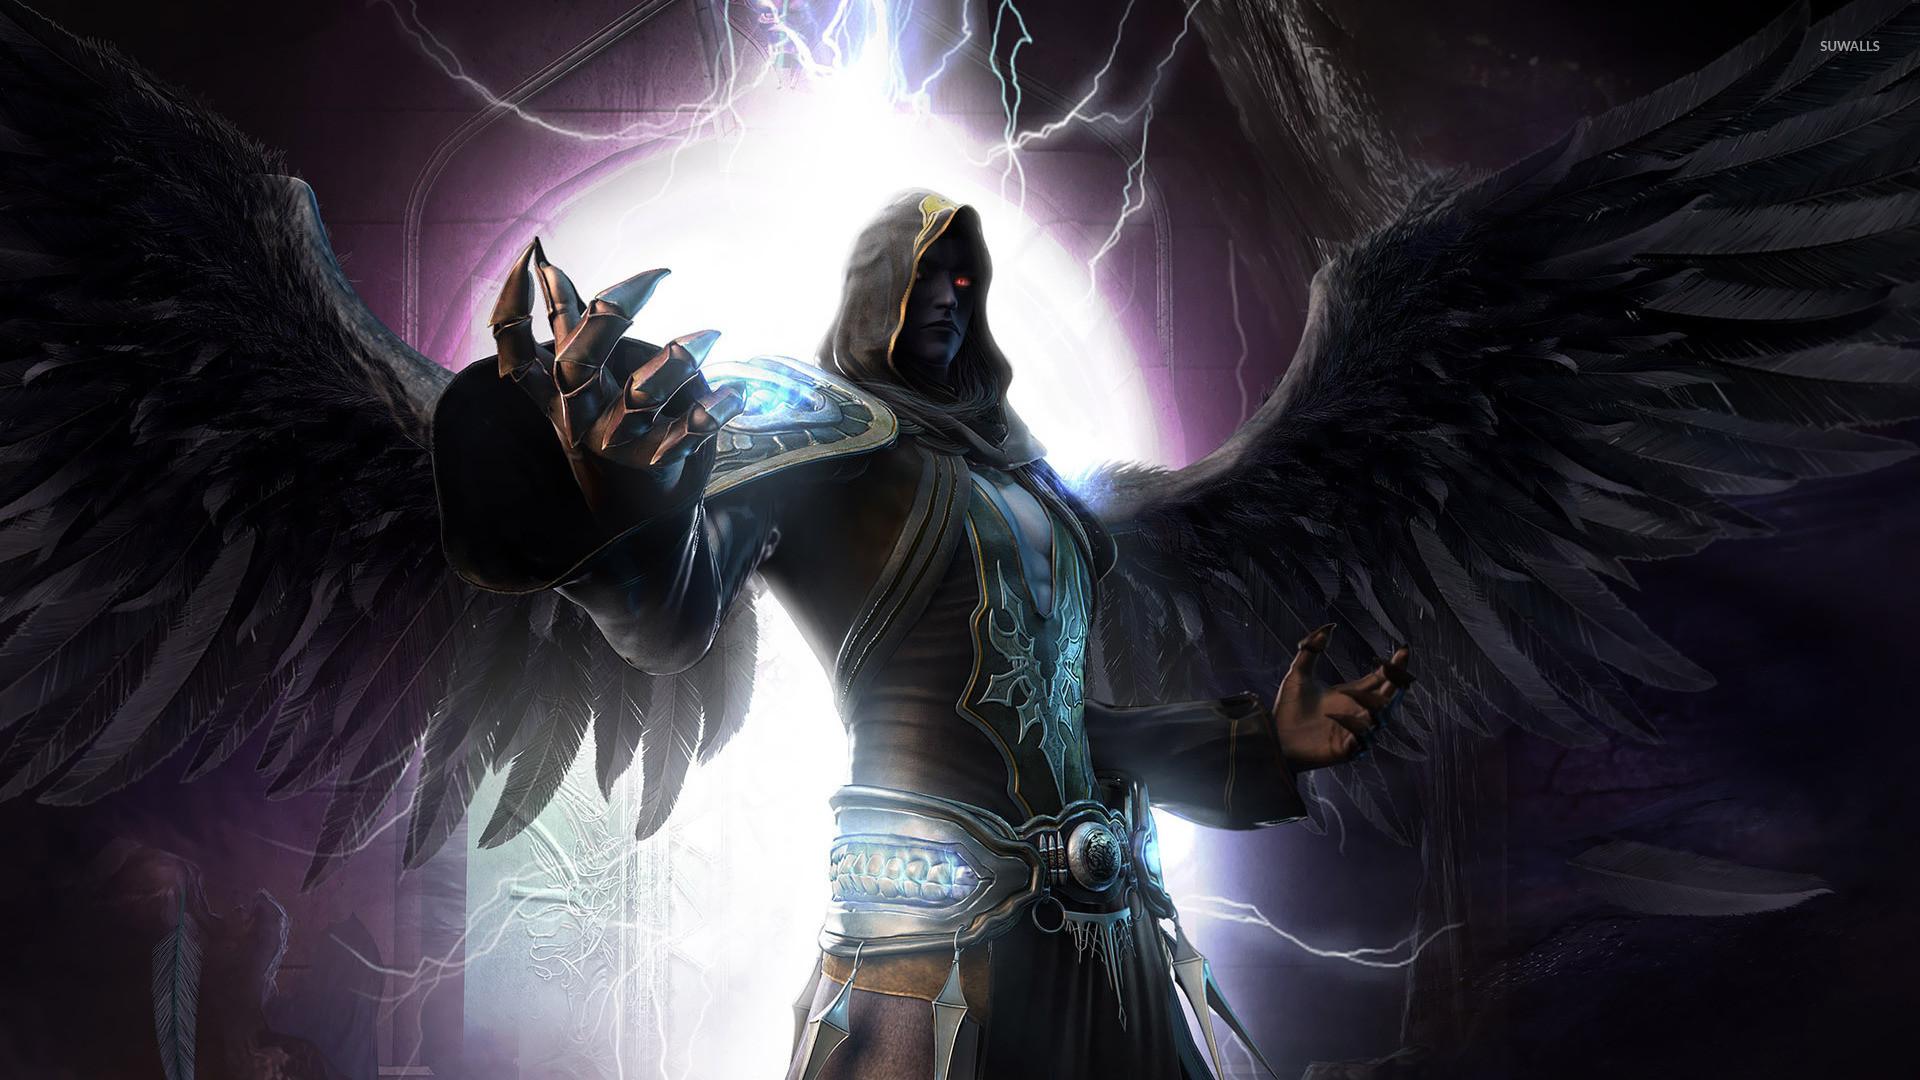 Epic fantasy wallpaper - Fantasy wallpaper dark ...